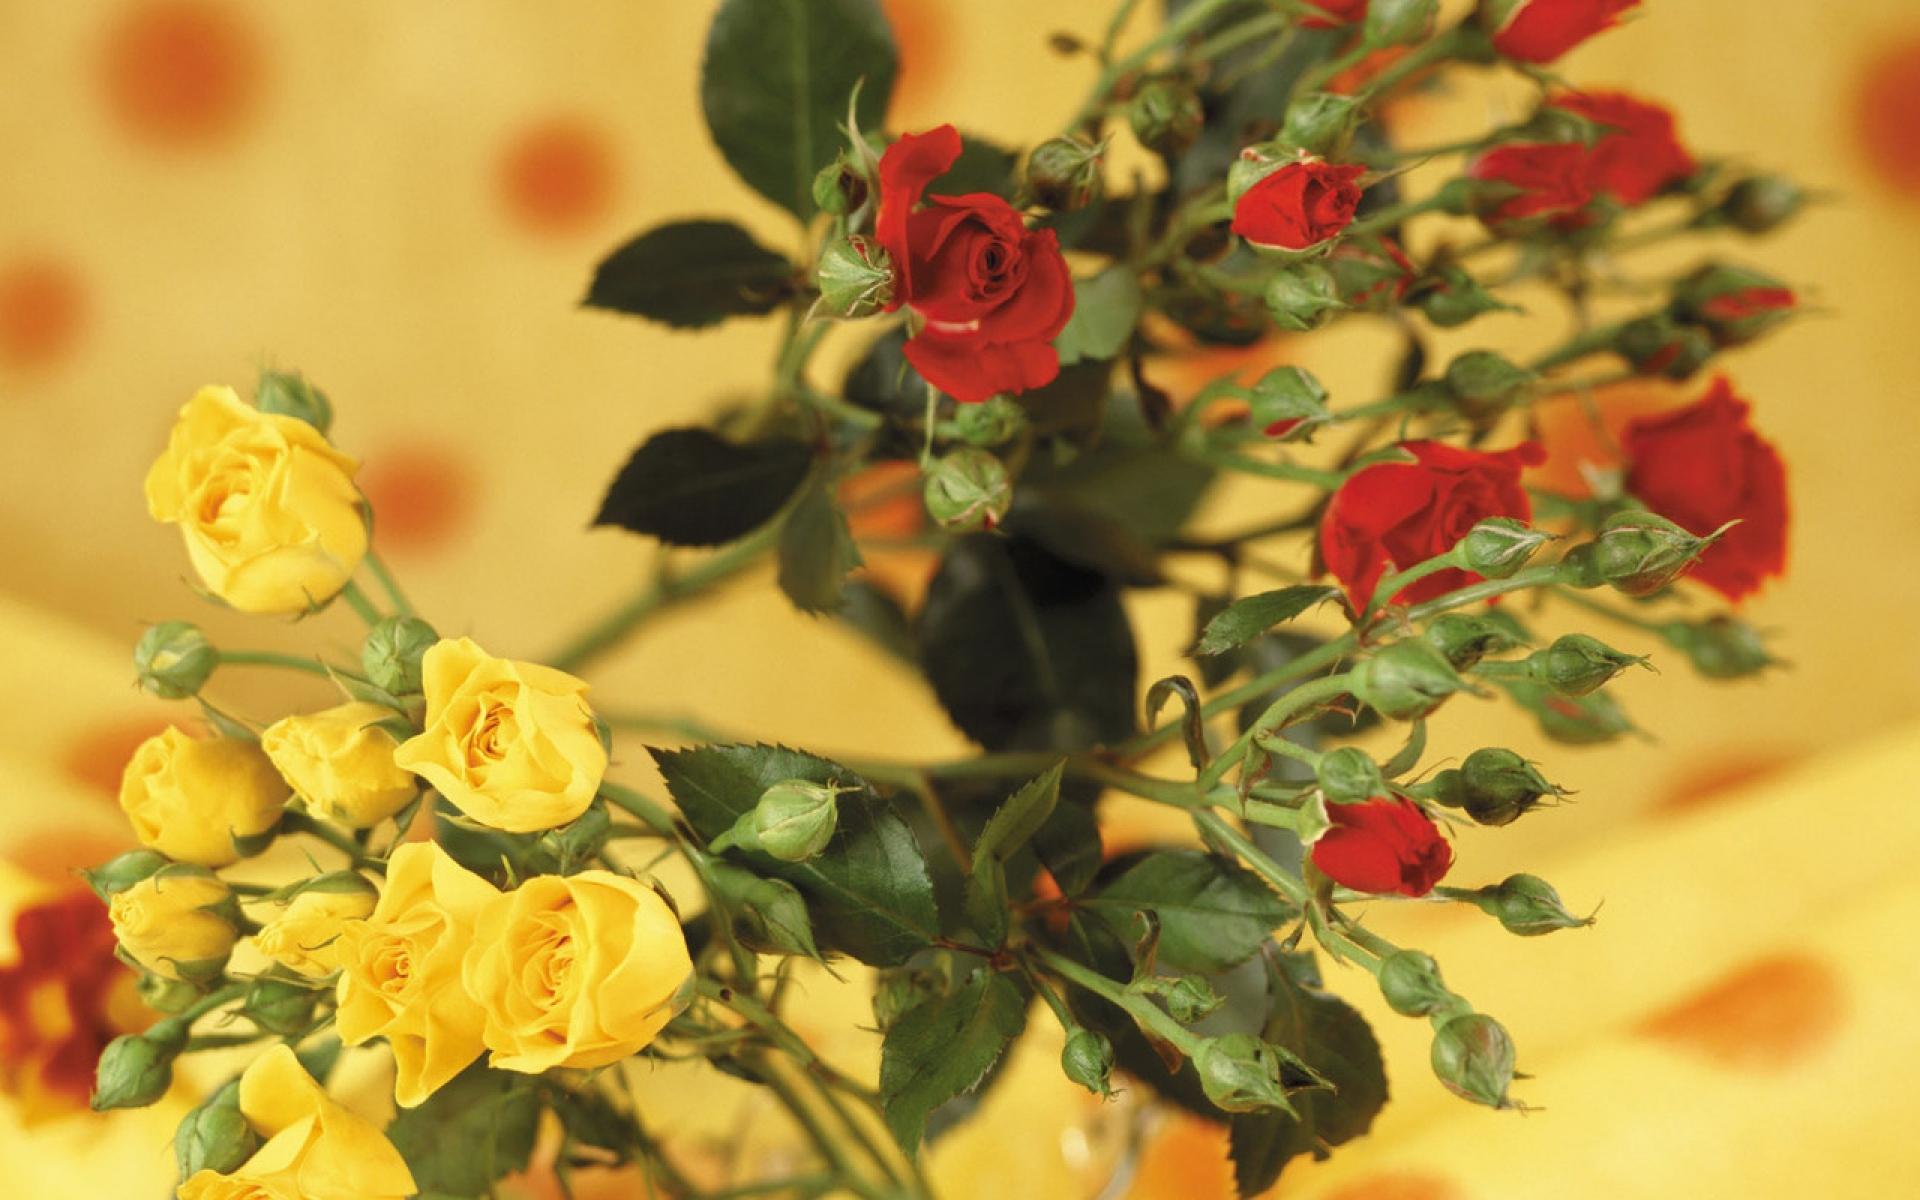 Картинки Розы, цветы, кустарник, красный, желтый, размытие фото и обои на рабочий стол